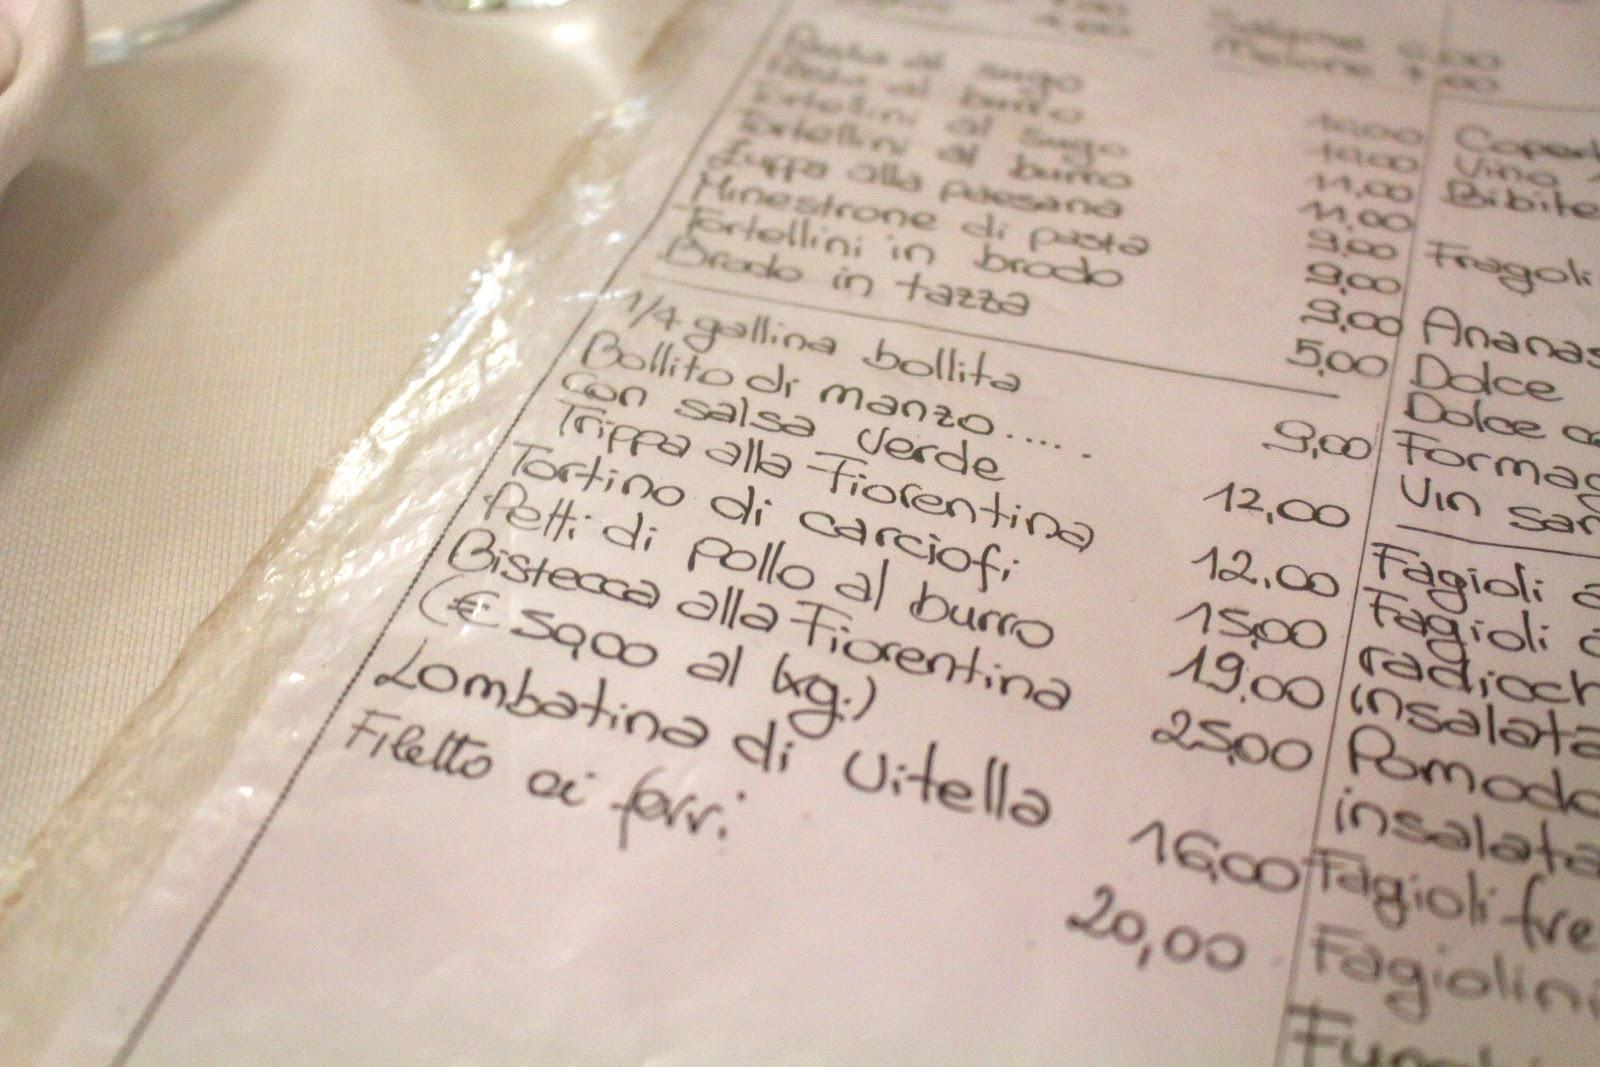 Trattoria Sostanza Firenze menu